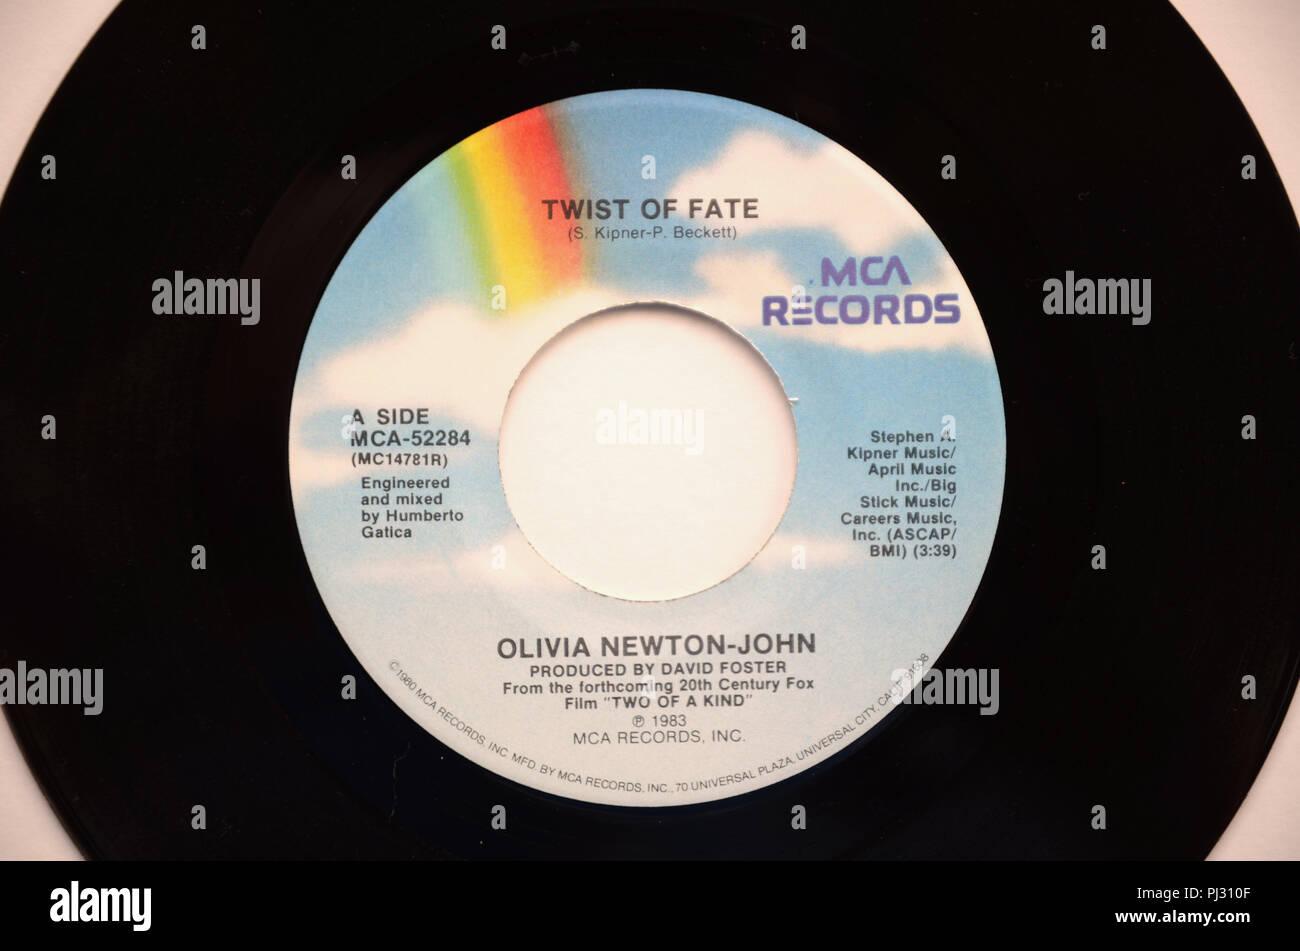 """Close-up du disque vinyle 45 tours de Olivia Newton-John's song """"coup du sort"""" publié en 1983 par MCA Records. Photo Stock"""